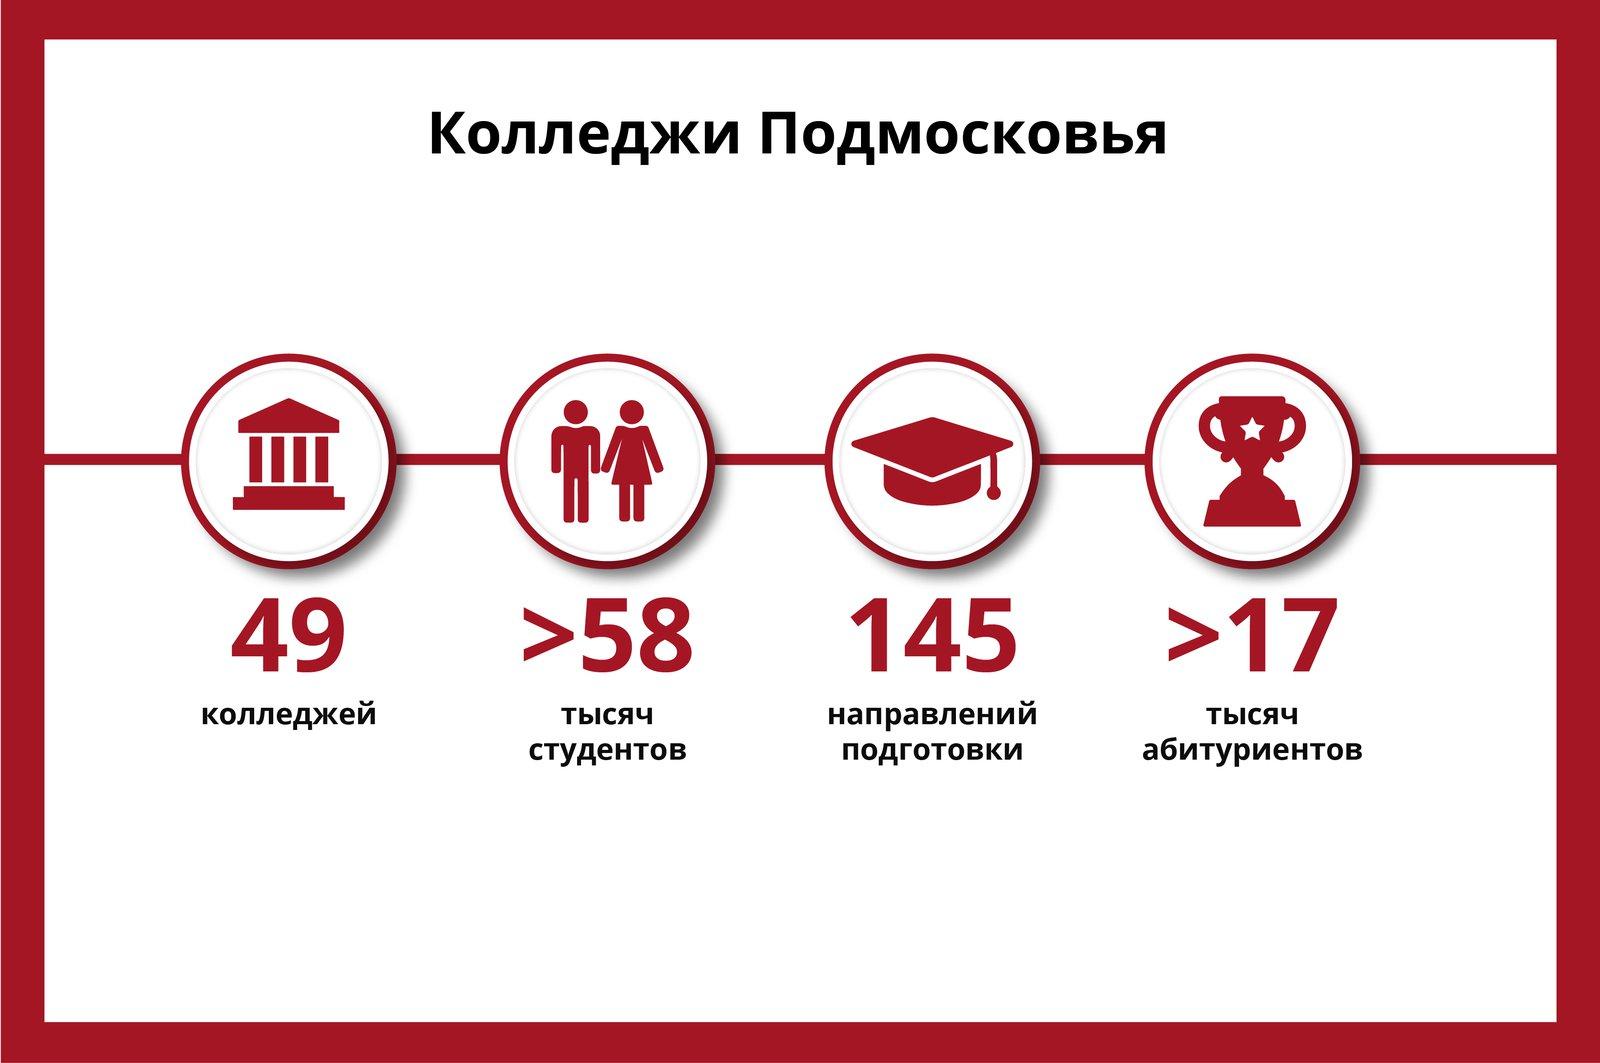 Андрей Воробьев губернатор московской области - От начального к среднему: как развита система образования в Подмосковье